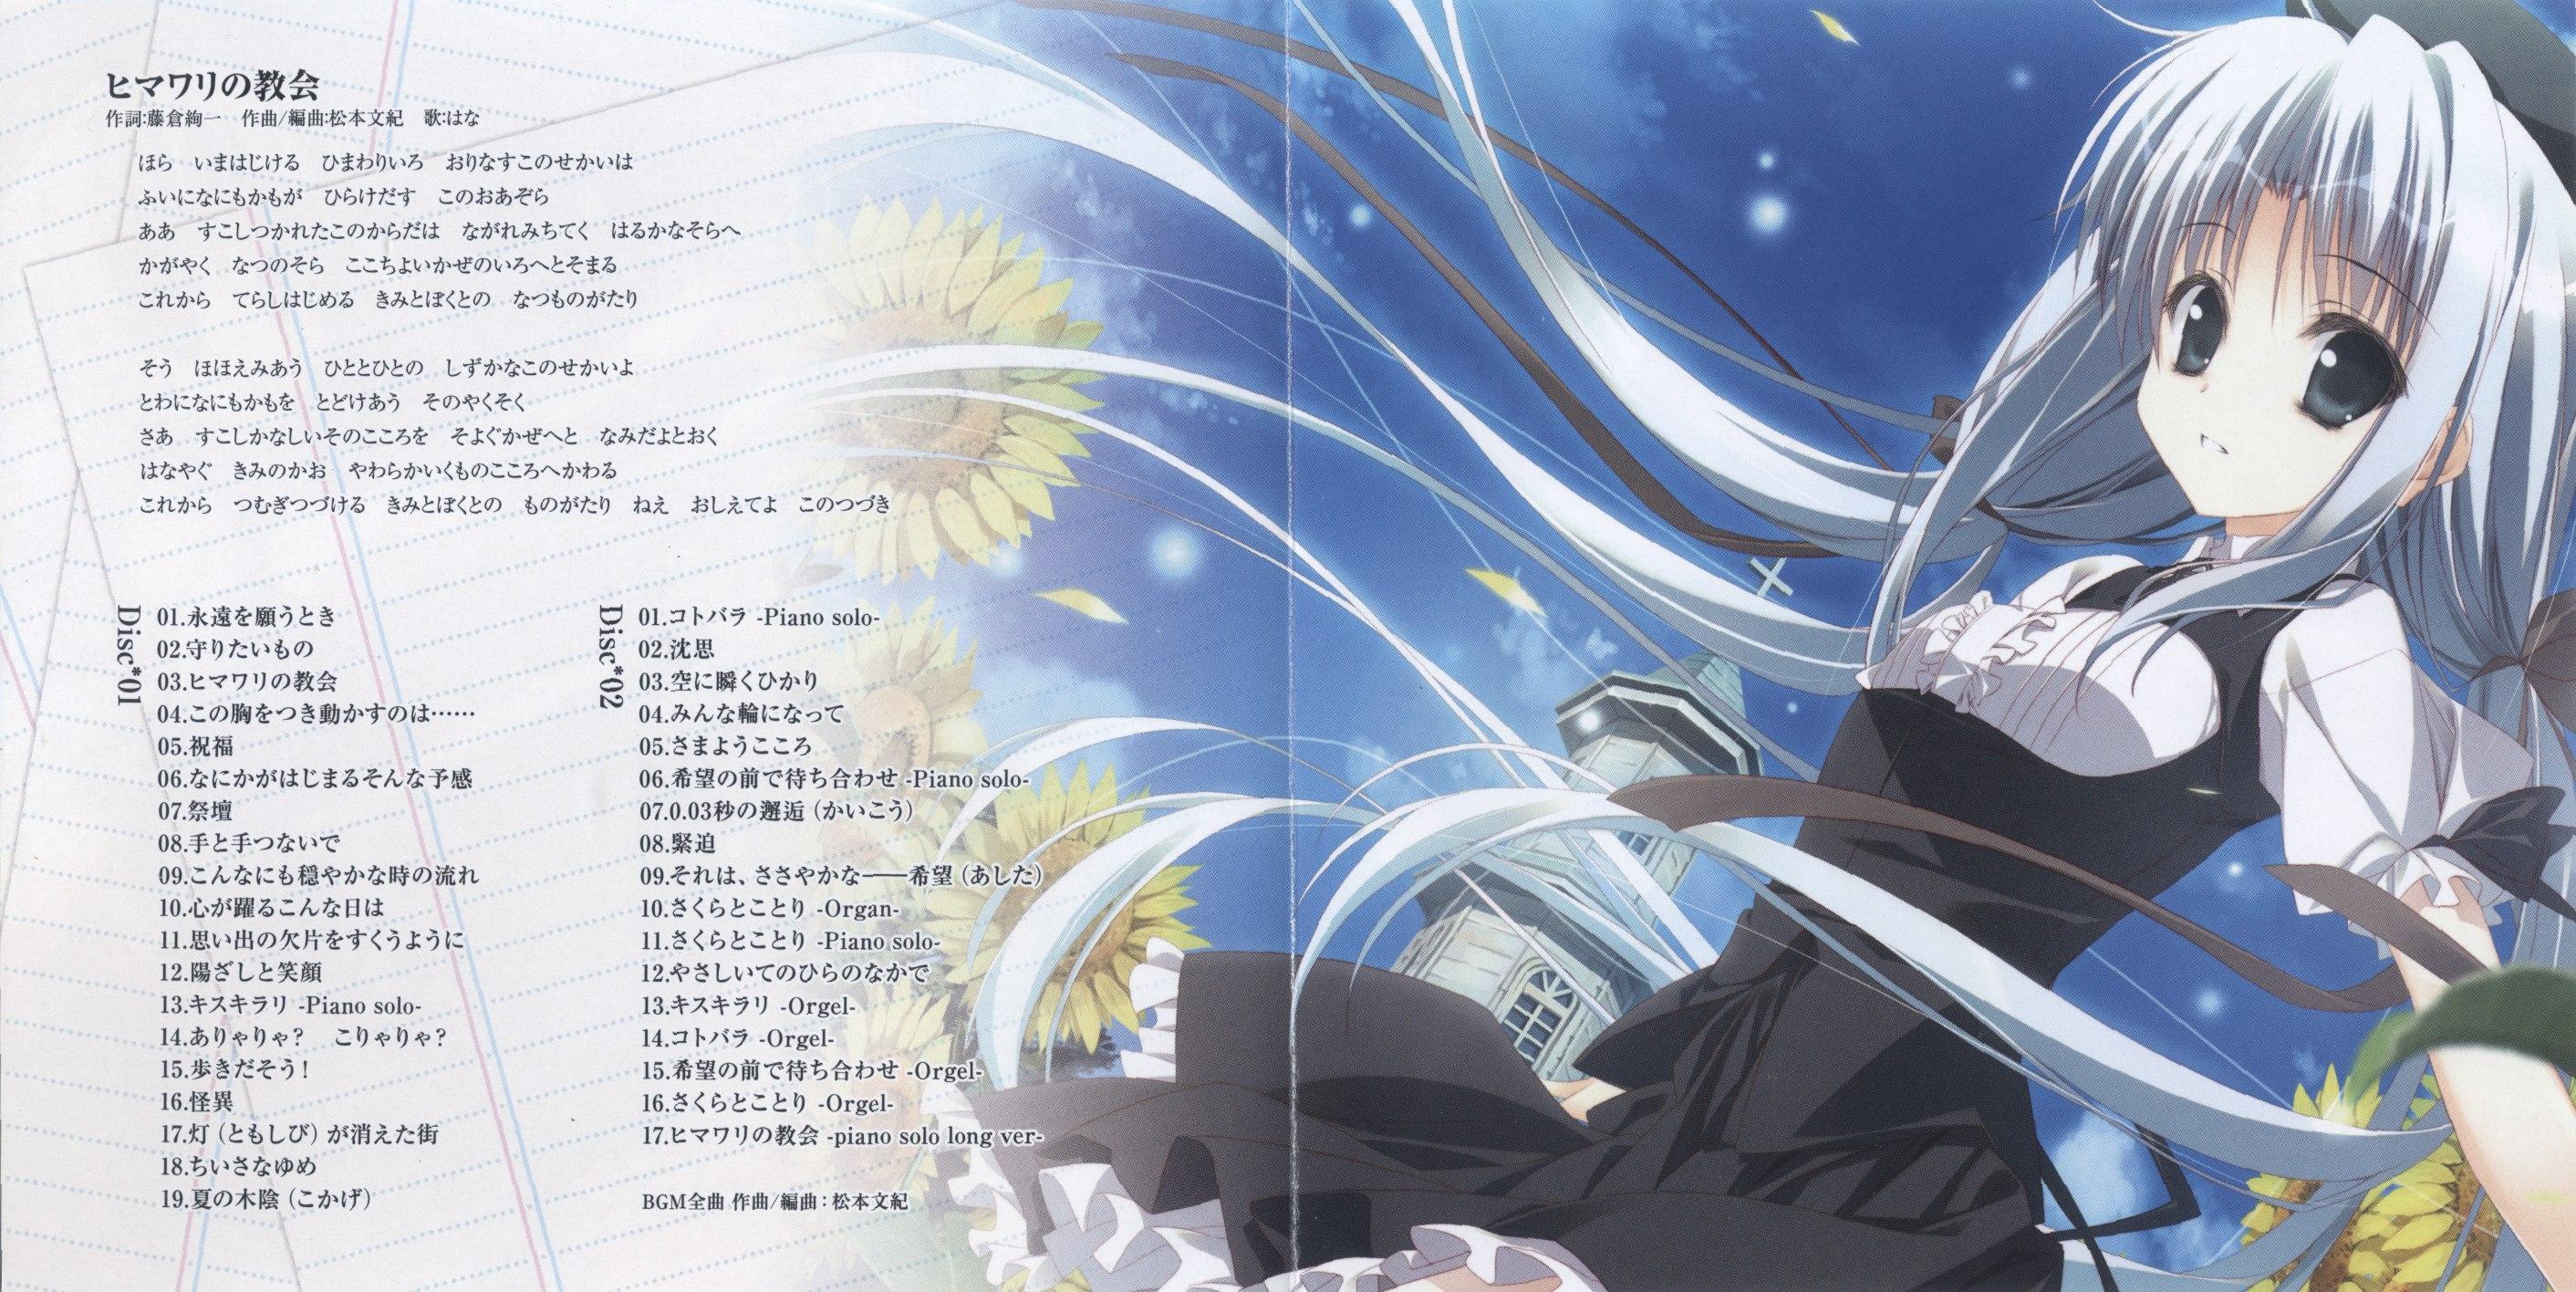 Himawari No Kyoukai To Nagai Natsuyasumi Soundtrack Cd Mp3 Download Himawari No Kyoukai To Nagai Natsuyasumi Soundtrack Cd Soundtracks For Free